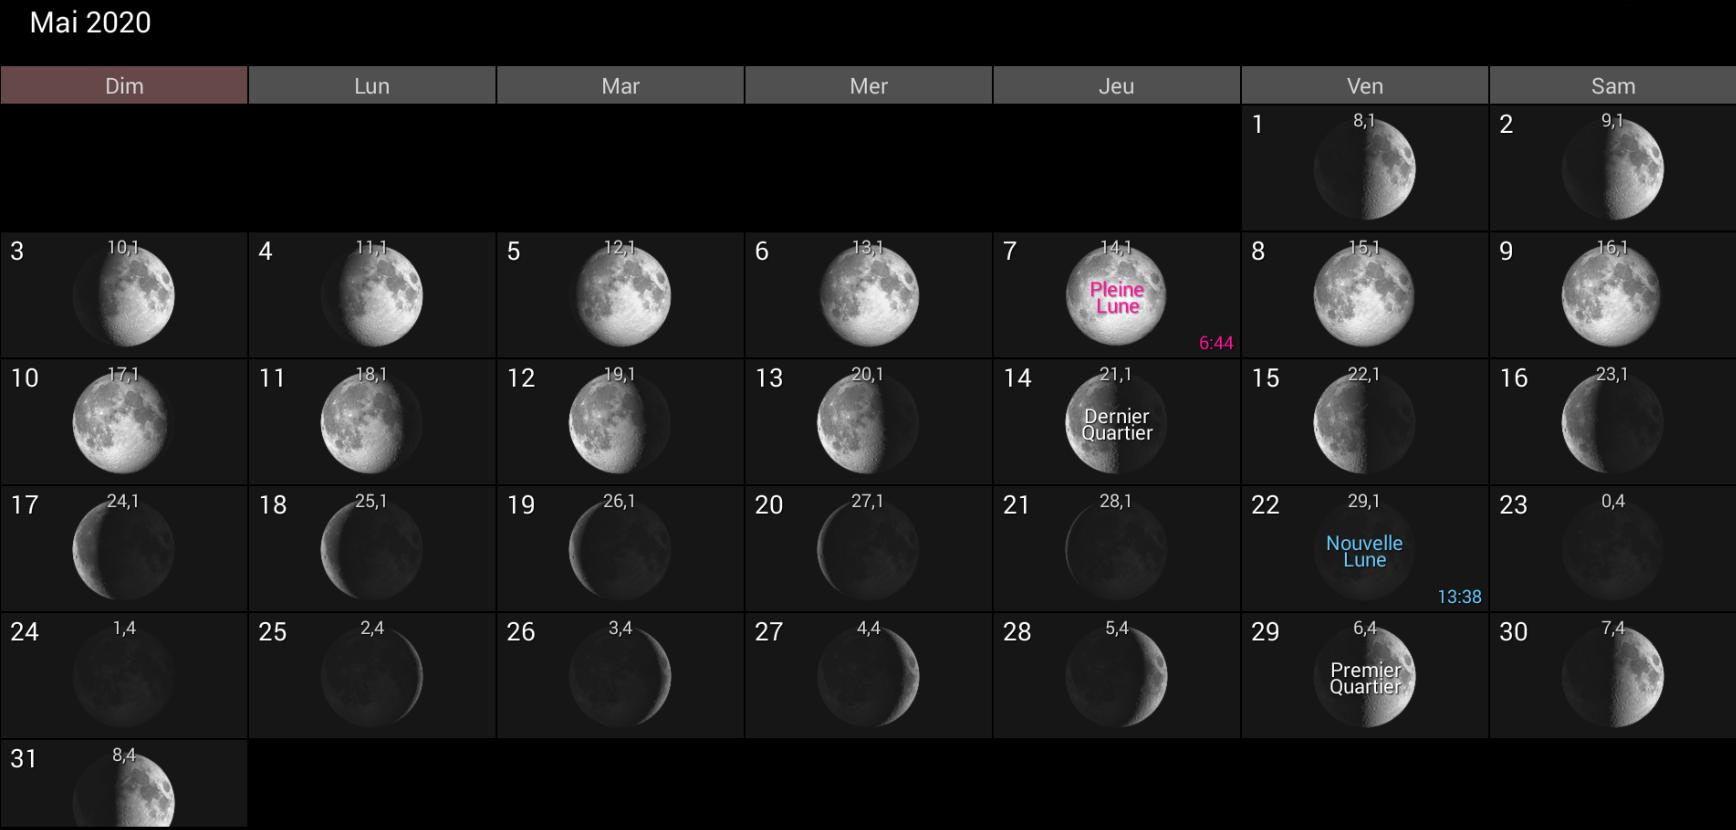 Les phases de la Lune pour de mai 2020